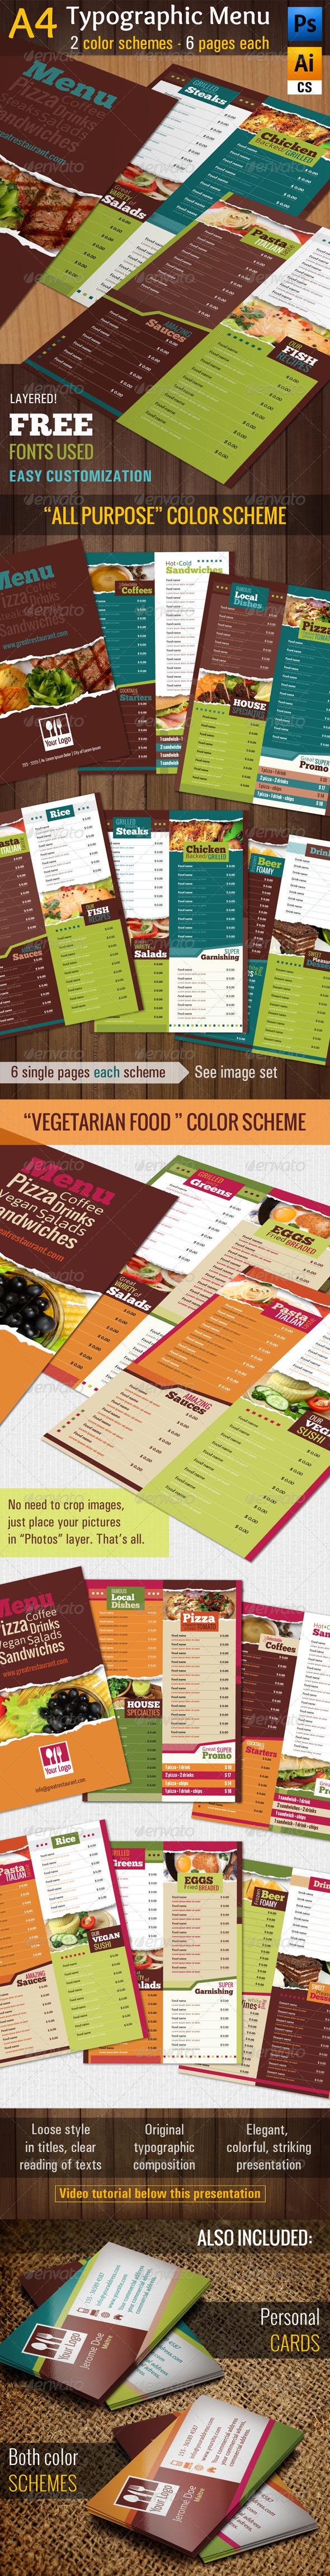 A4 Typographic Menu All Purpose & Vegan Food